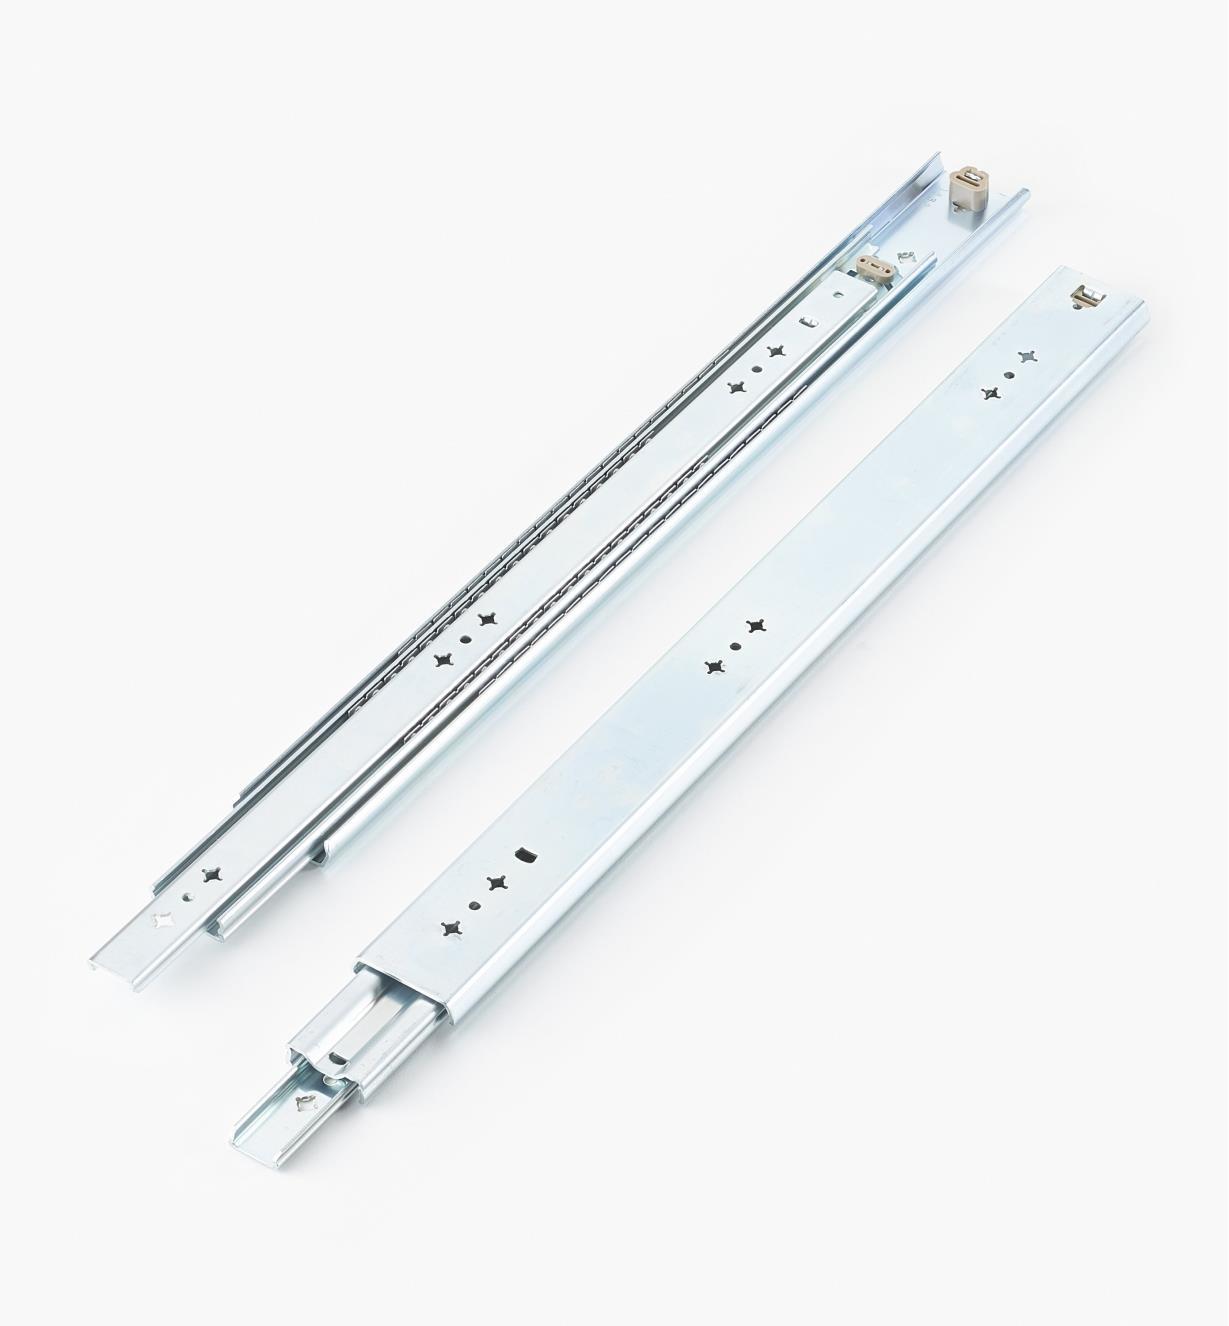 02K3222 - Coulisses de 22po (550mm) à extension complète pour charge de 200lb, la paire